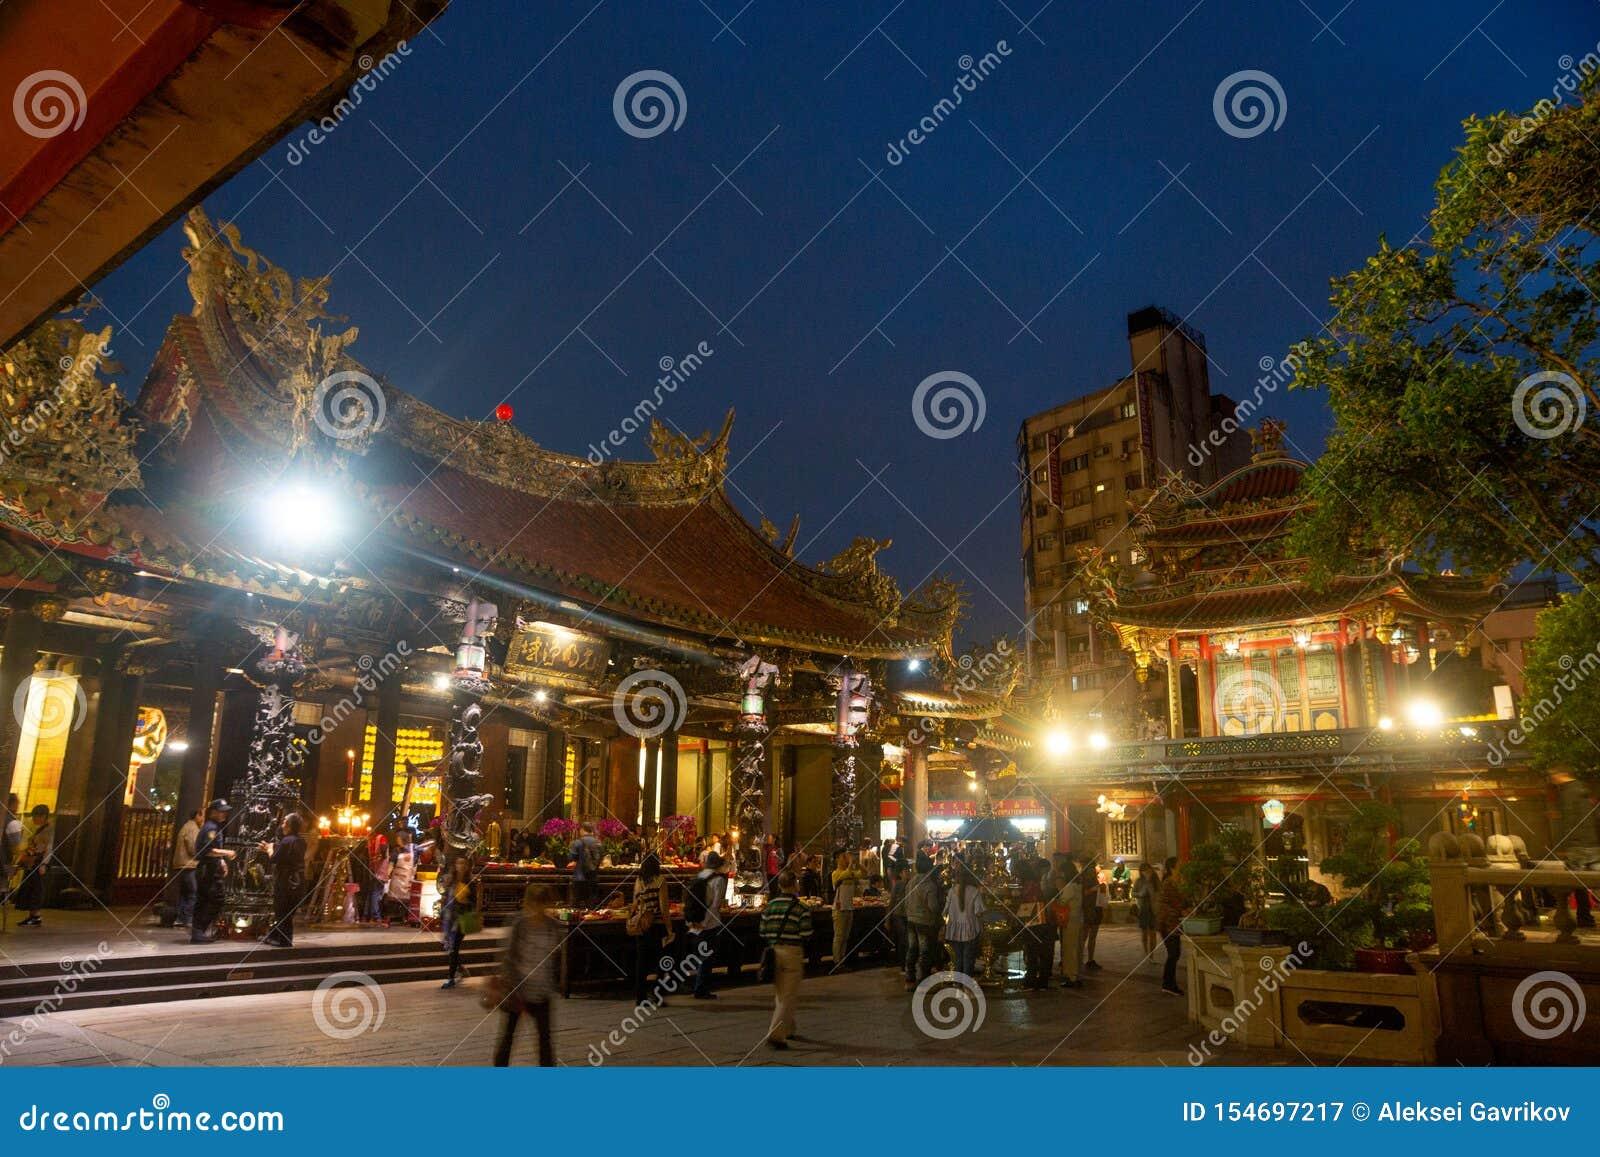 Taipei/Taiwan-25.03.2018:The lights in Baoan Temple in Taipei